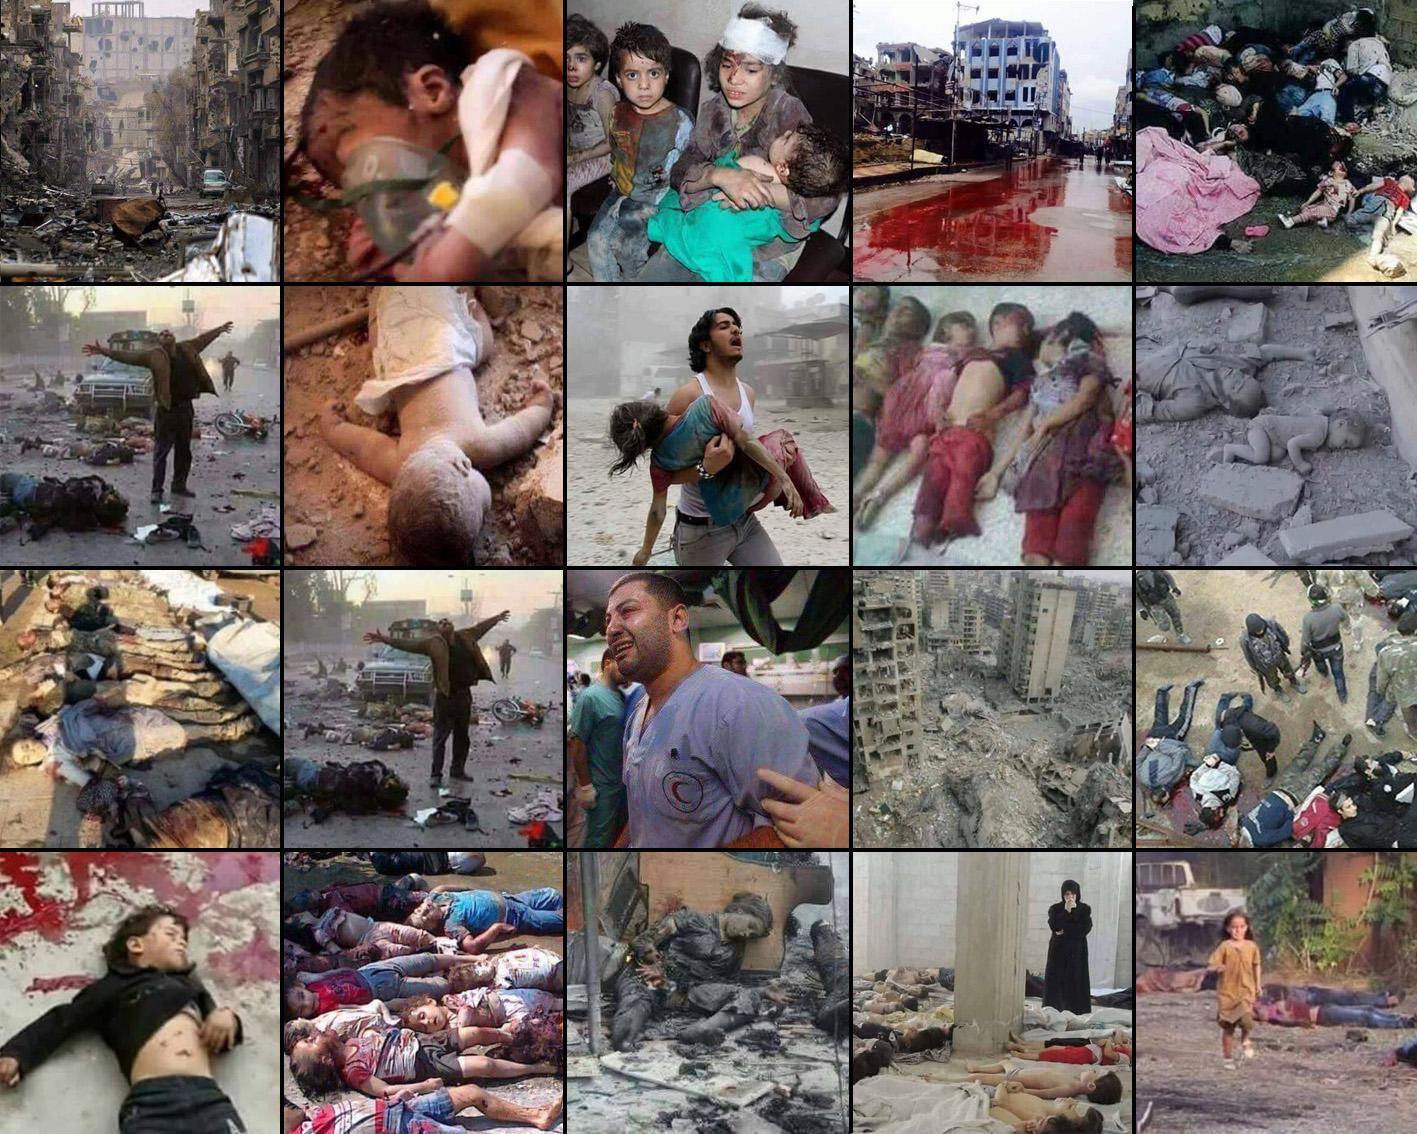 حقيقة صور متداولة من أحداث حلب